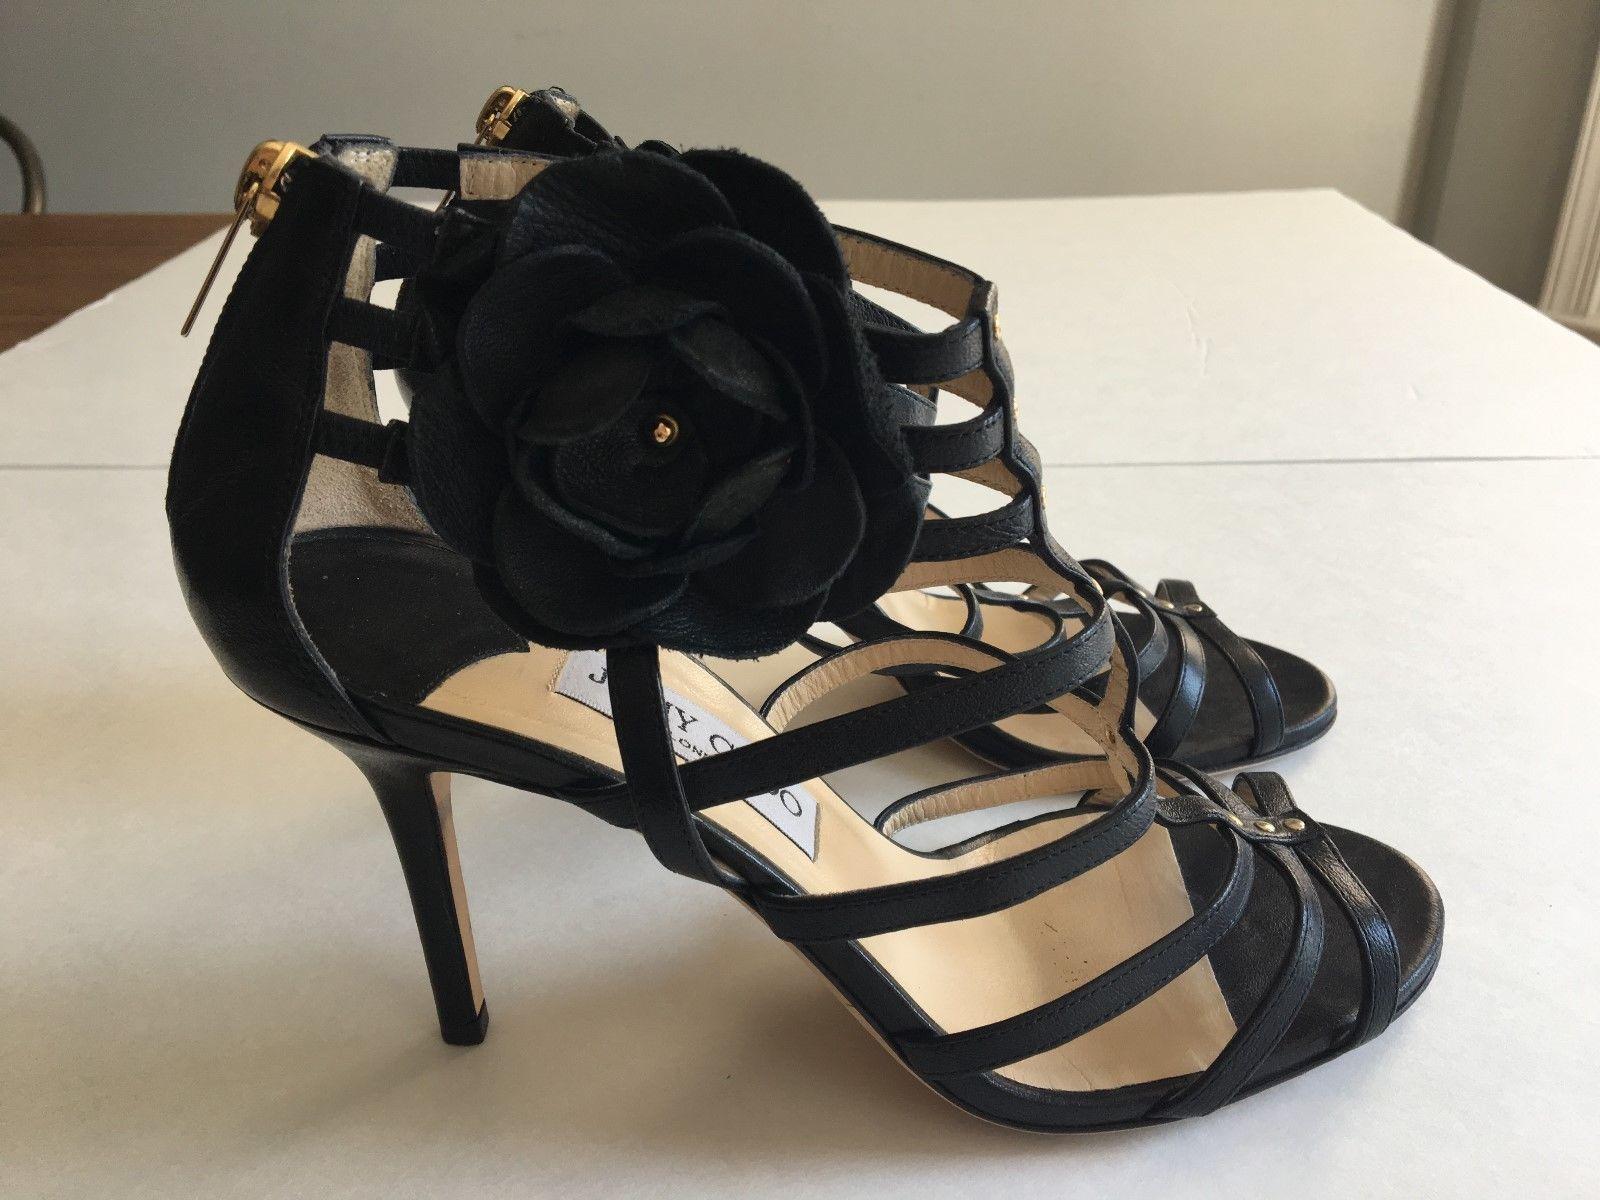 Jimmy size Choo nero heels size Jimmy 39 1 2 (size 9.5)   Designer Heels   7fd754